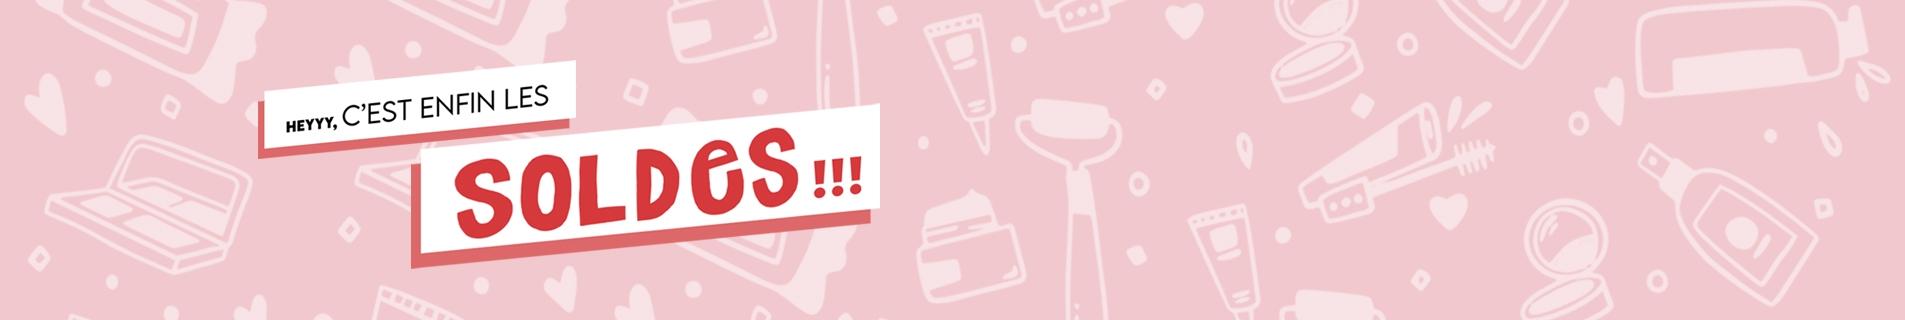 Soldes parfums | Parfums pas cher | SAGA Cosmetics